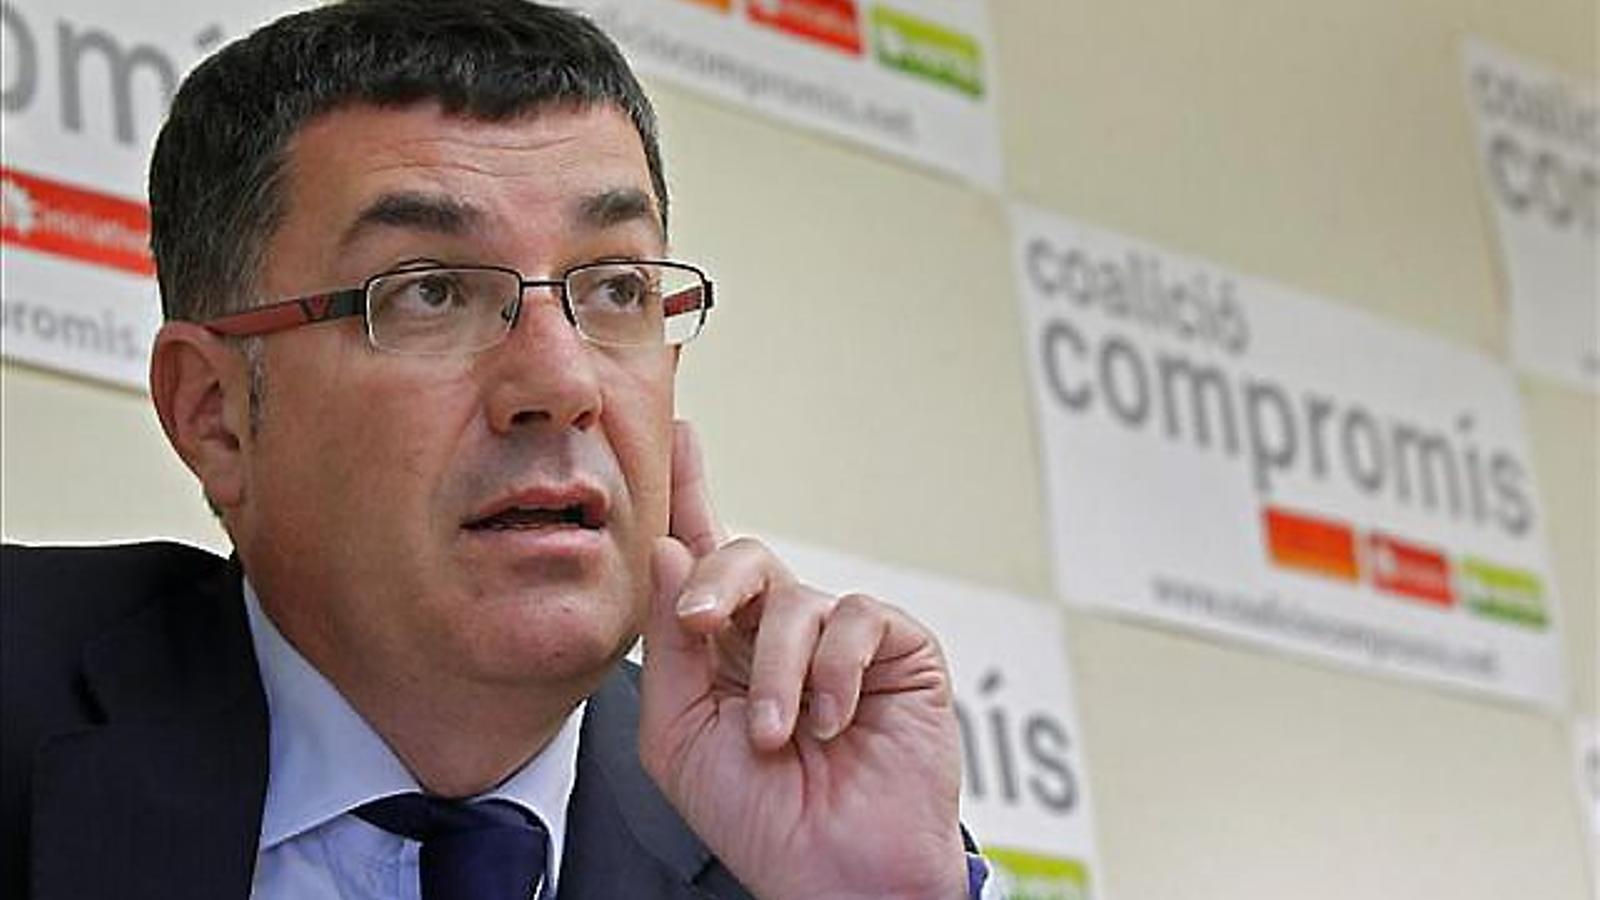 """El president de les Corts Valencianes critica """"l'acció repressiva i autoritària del govern de Rajoy"""""""